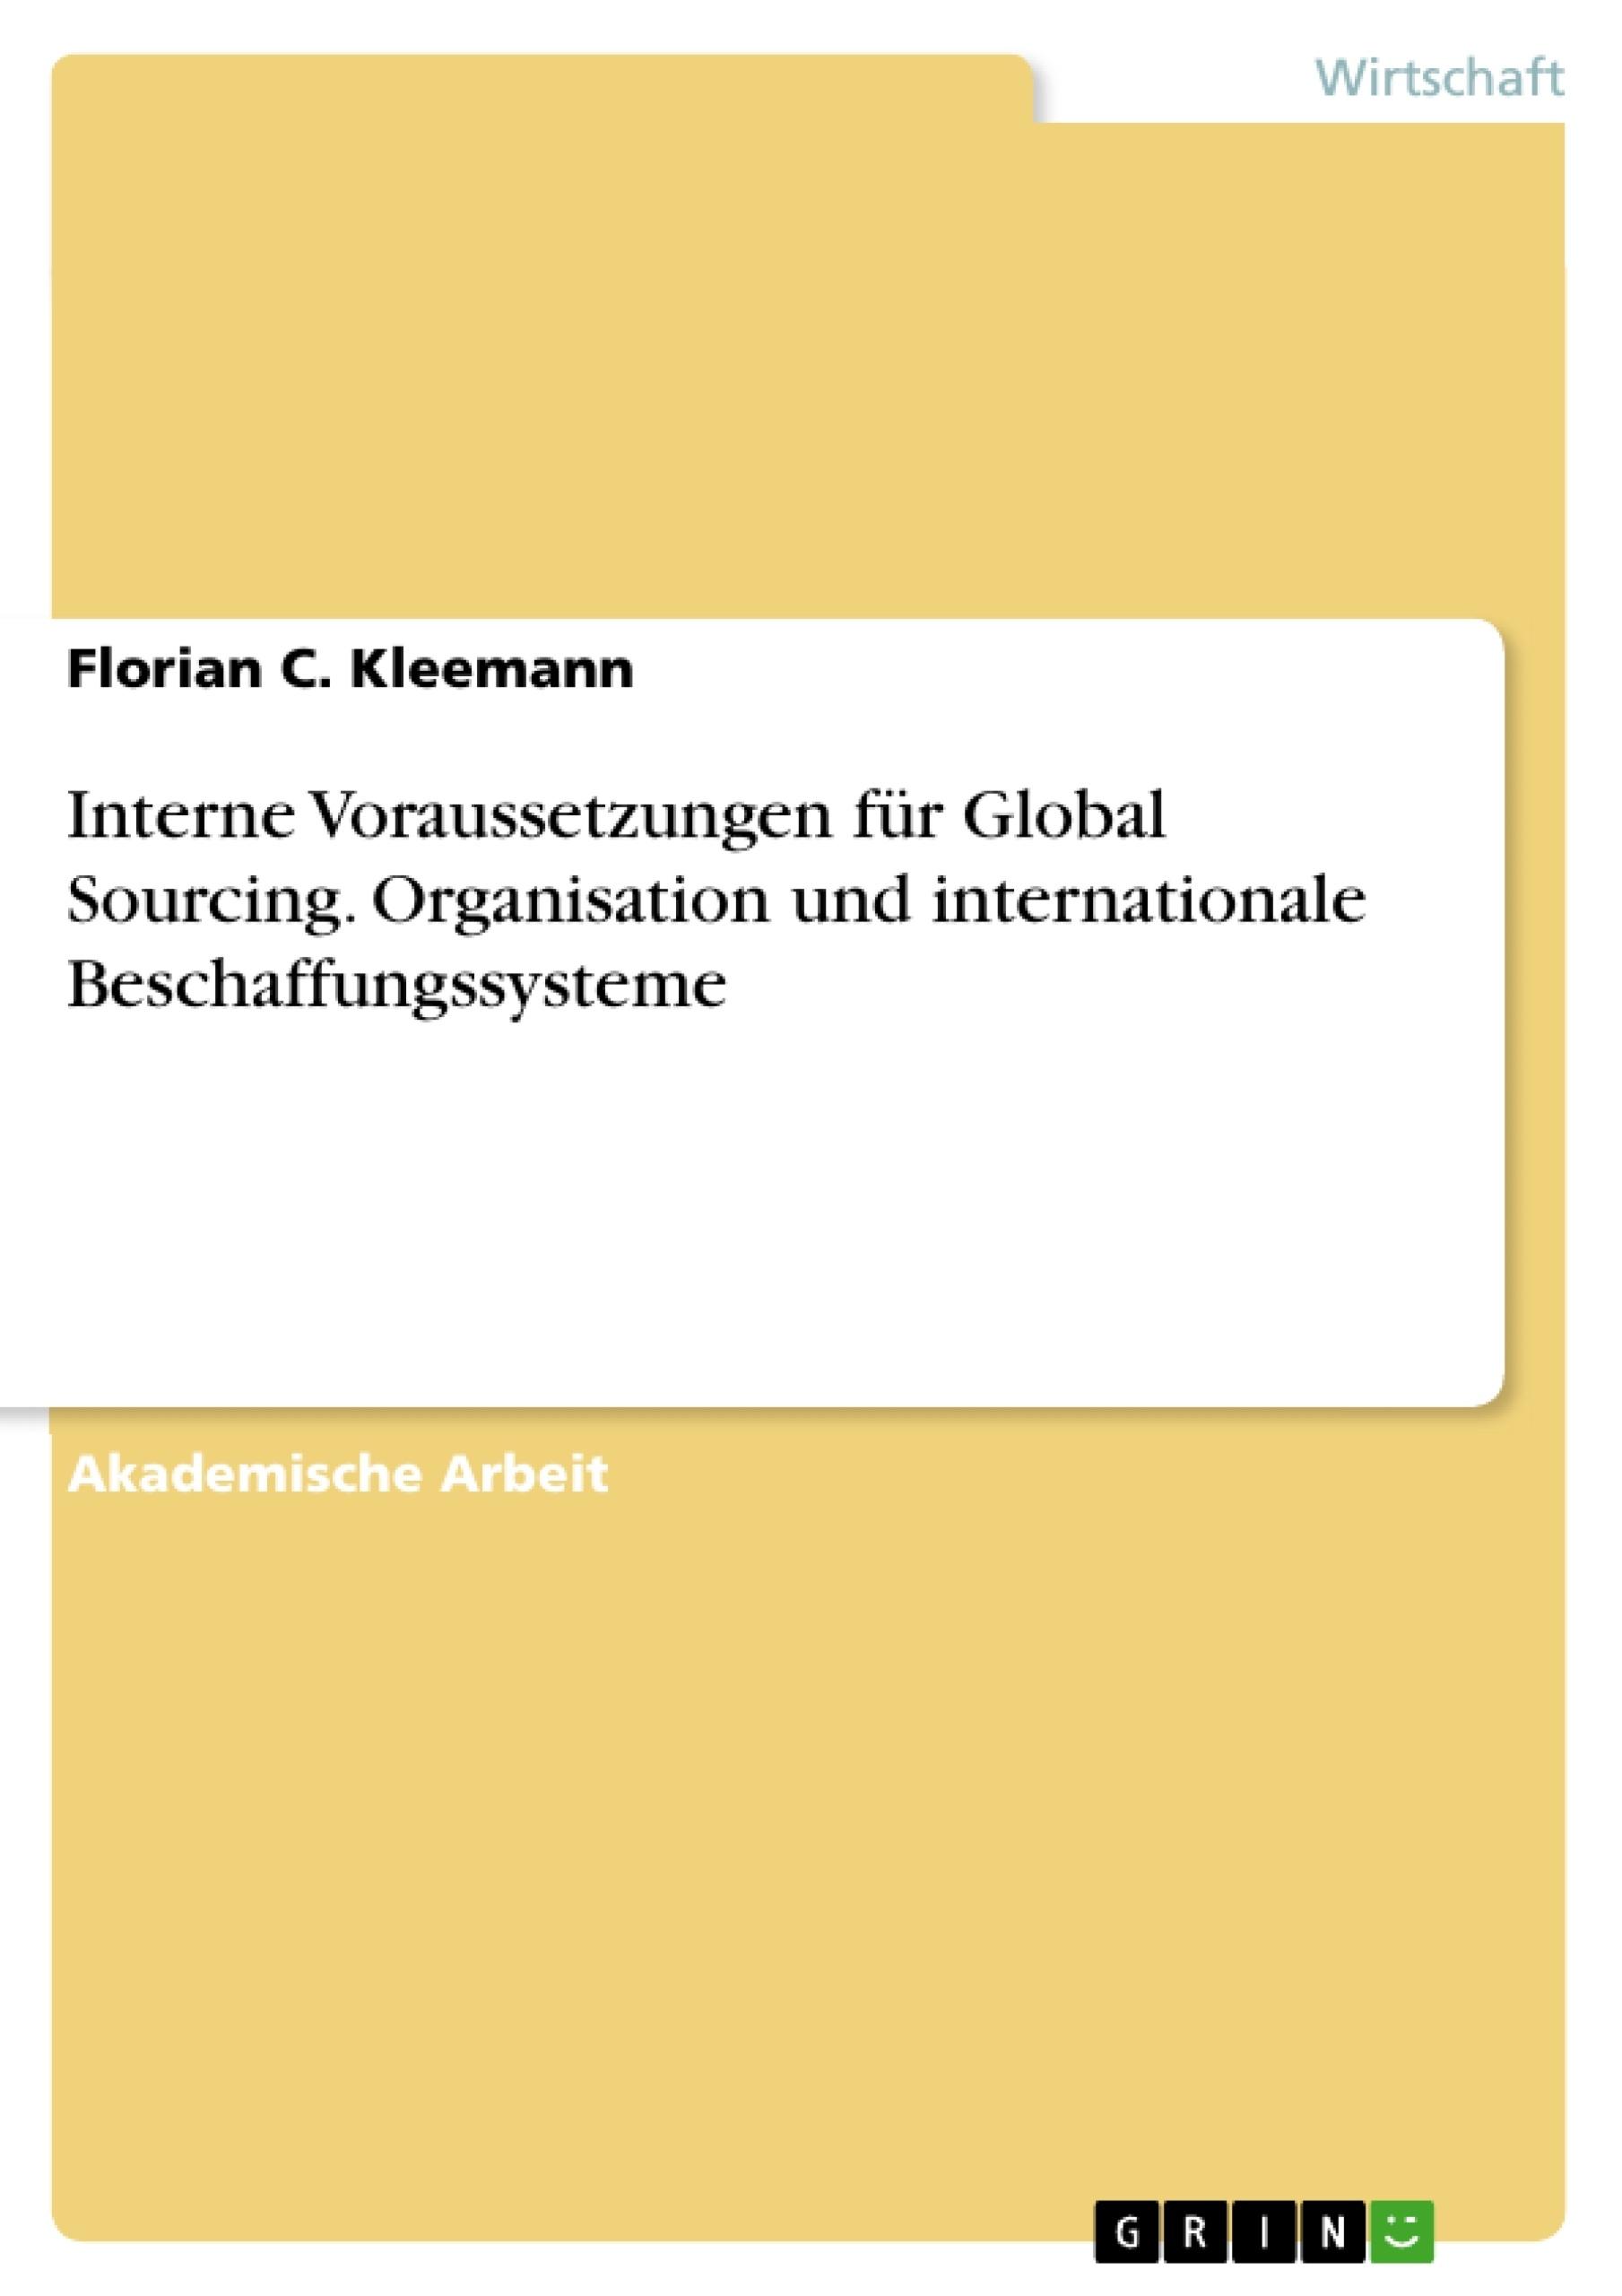 Titel: Interne Voraussetzungen für Global Sourcing. Organisation und internationale Beschaffungssysteme